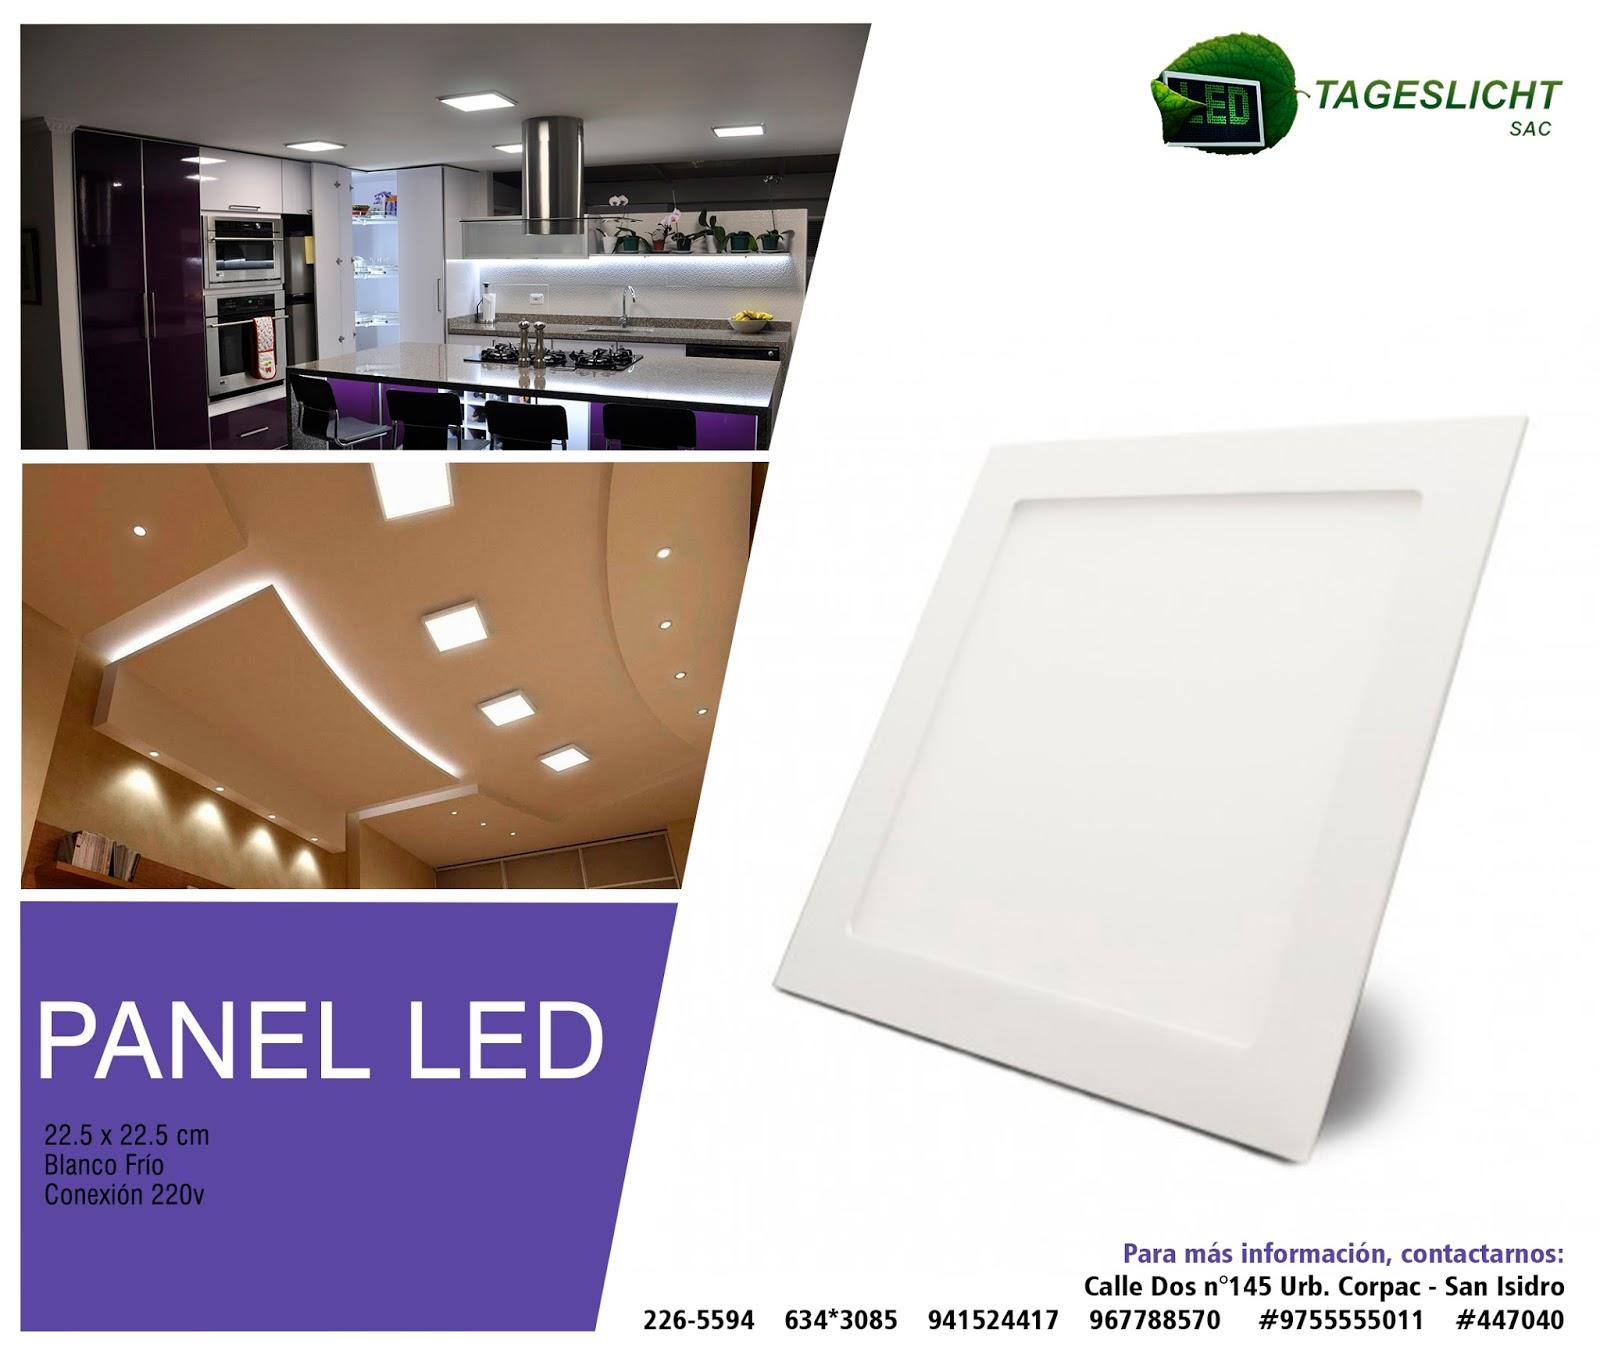 tageslicht iluminaci n led panel led 22 5 x 22 5 cm tageslicht sac. Black Bedroom Furniture Sets. Home Design Ideas